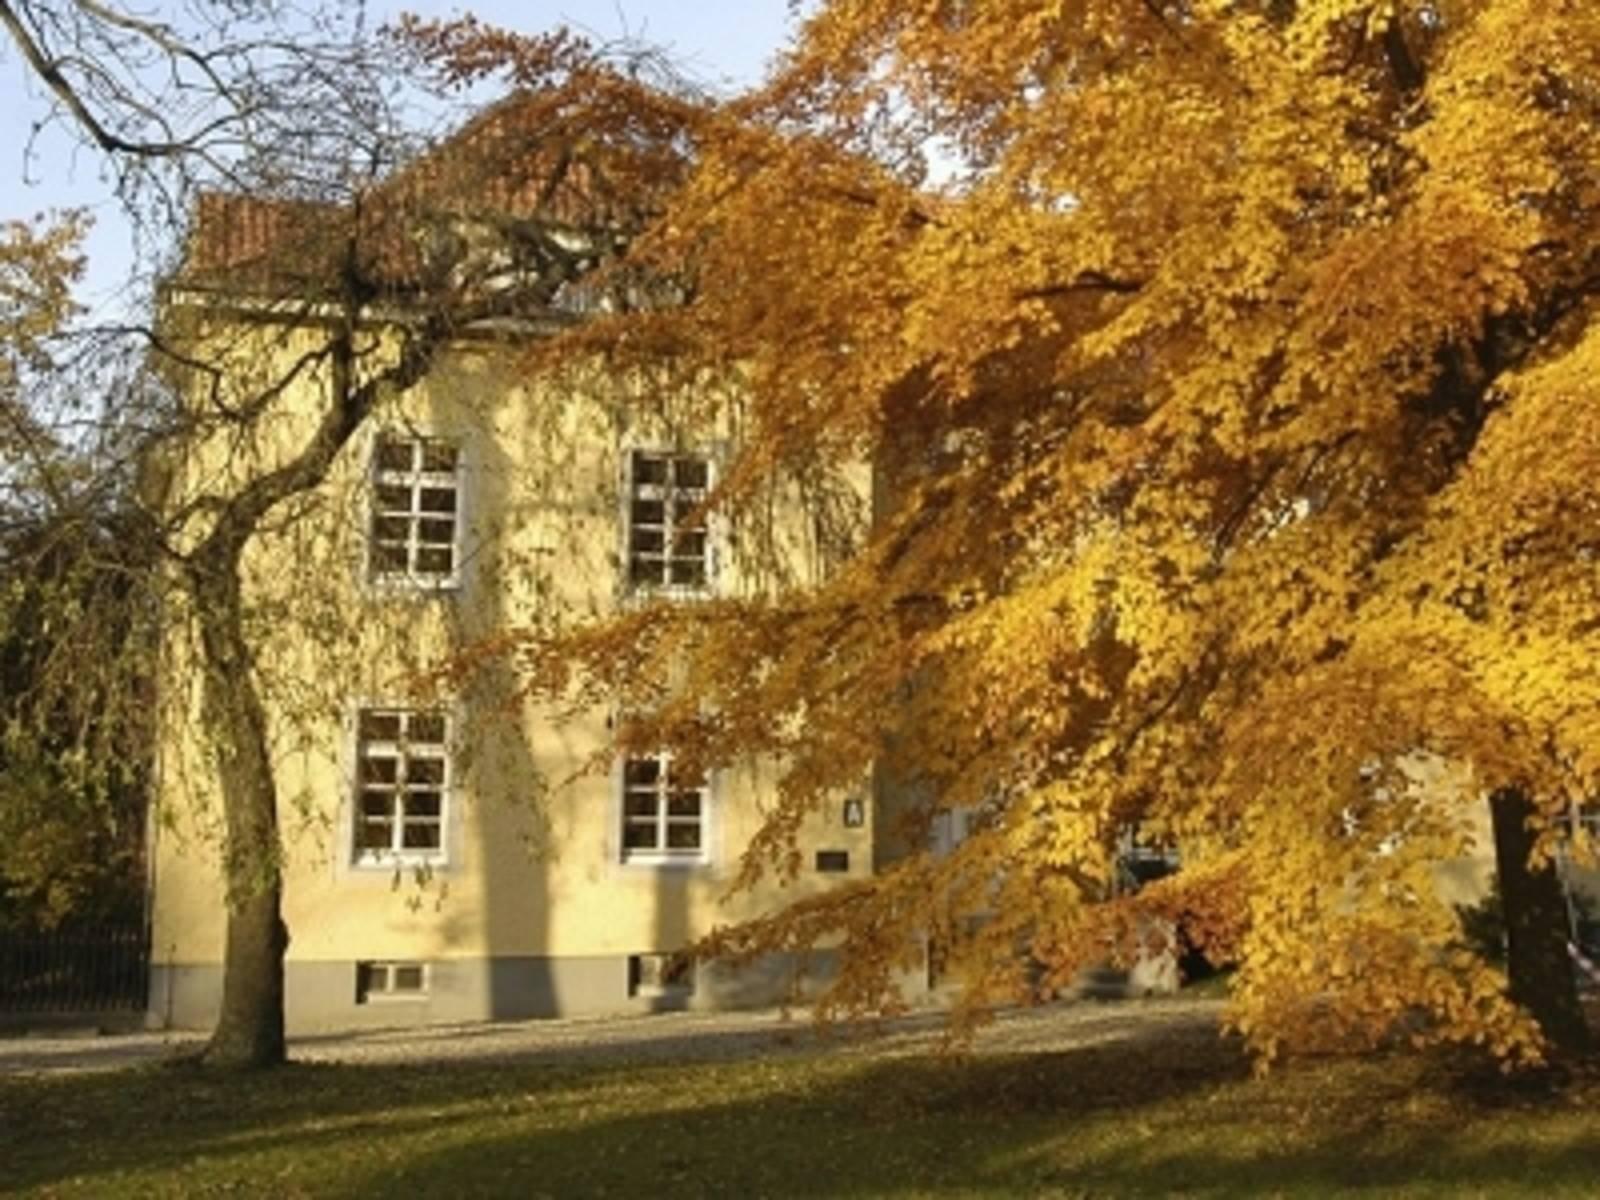 Gelbes Gebäude im Schatten von Bäumen, die bereits Herbstlaub tragen.